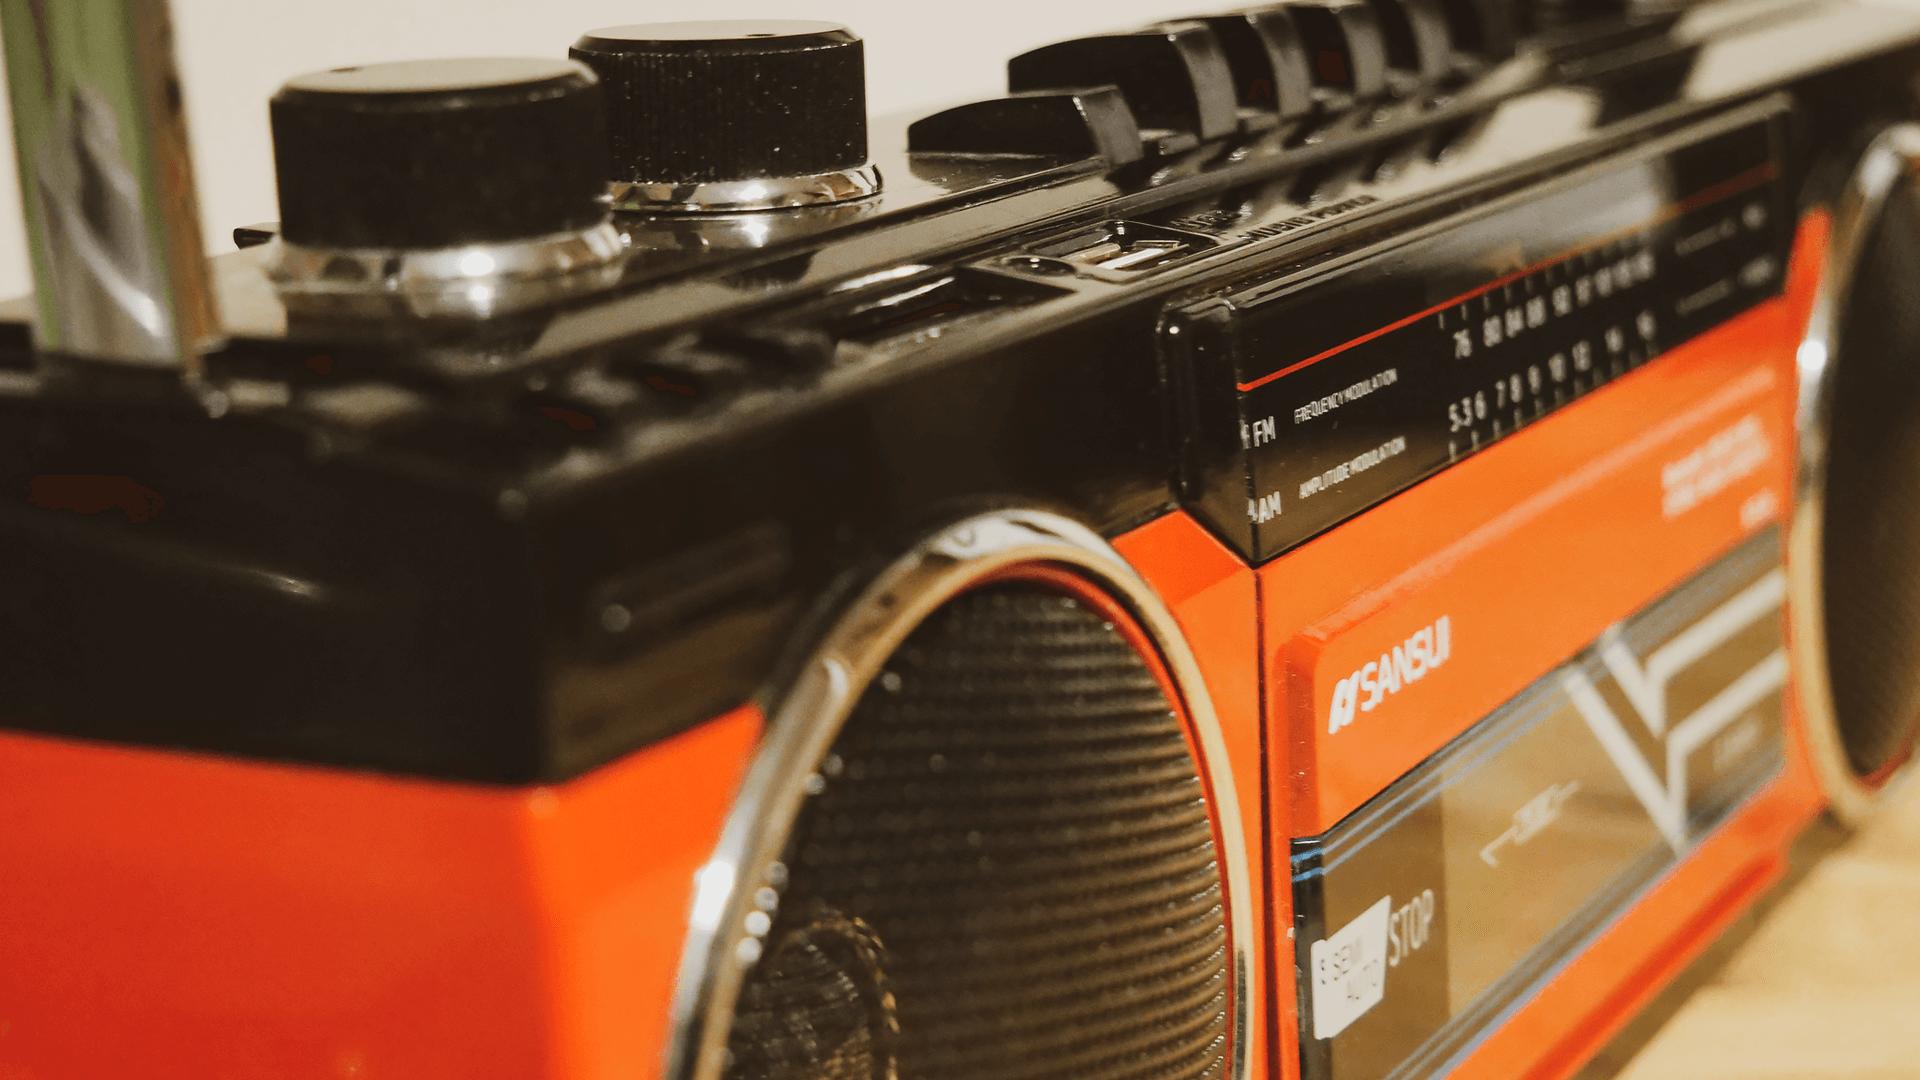 SUNSUIステレオラジオカセット